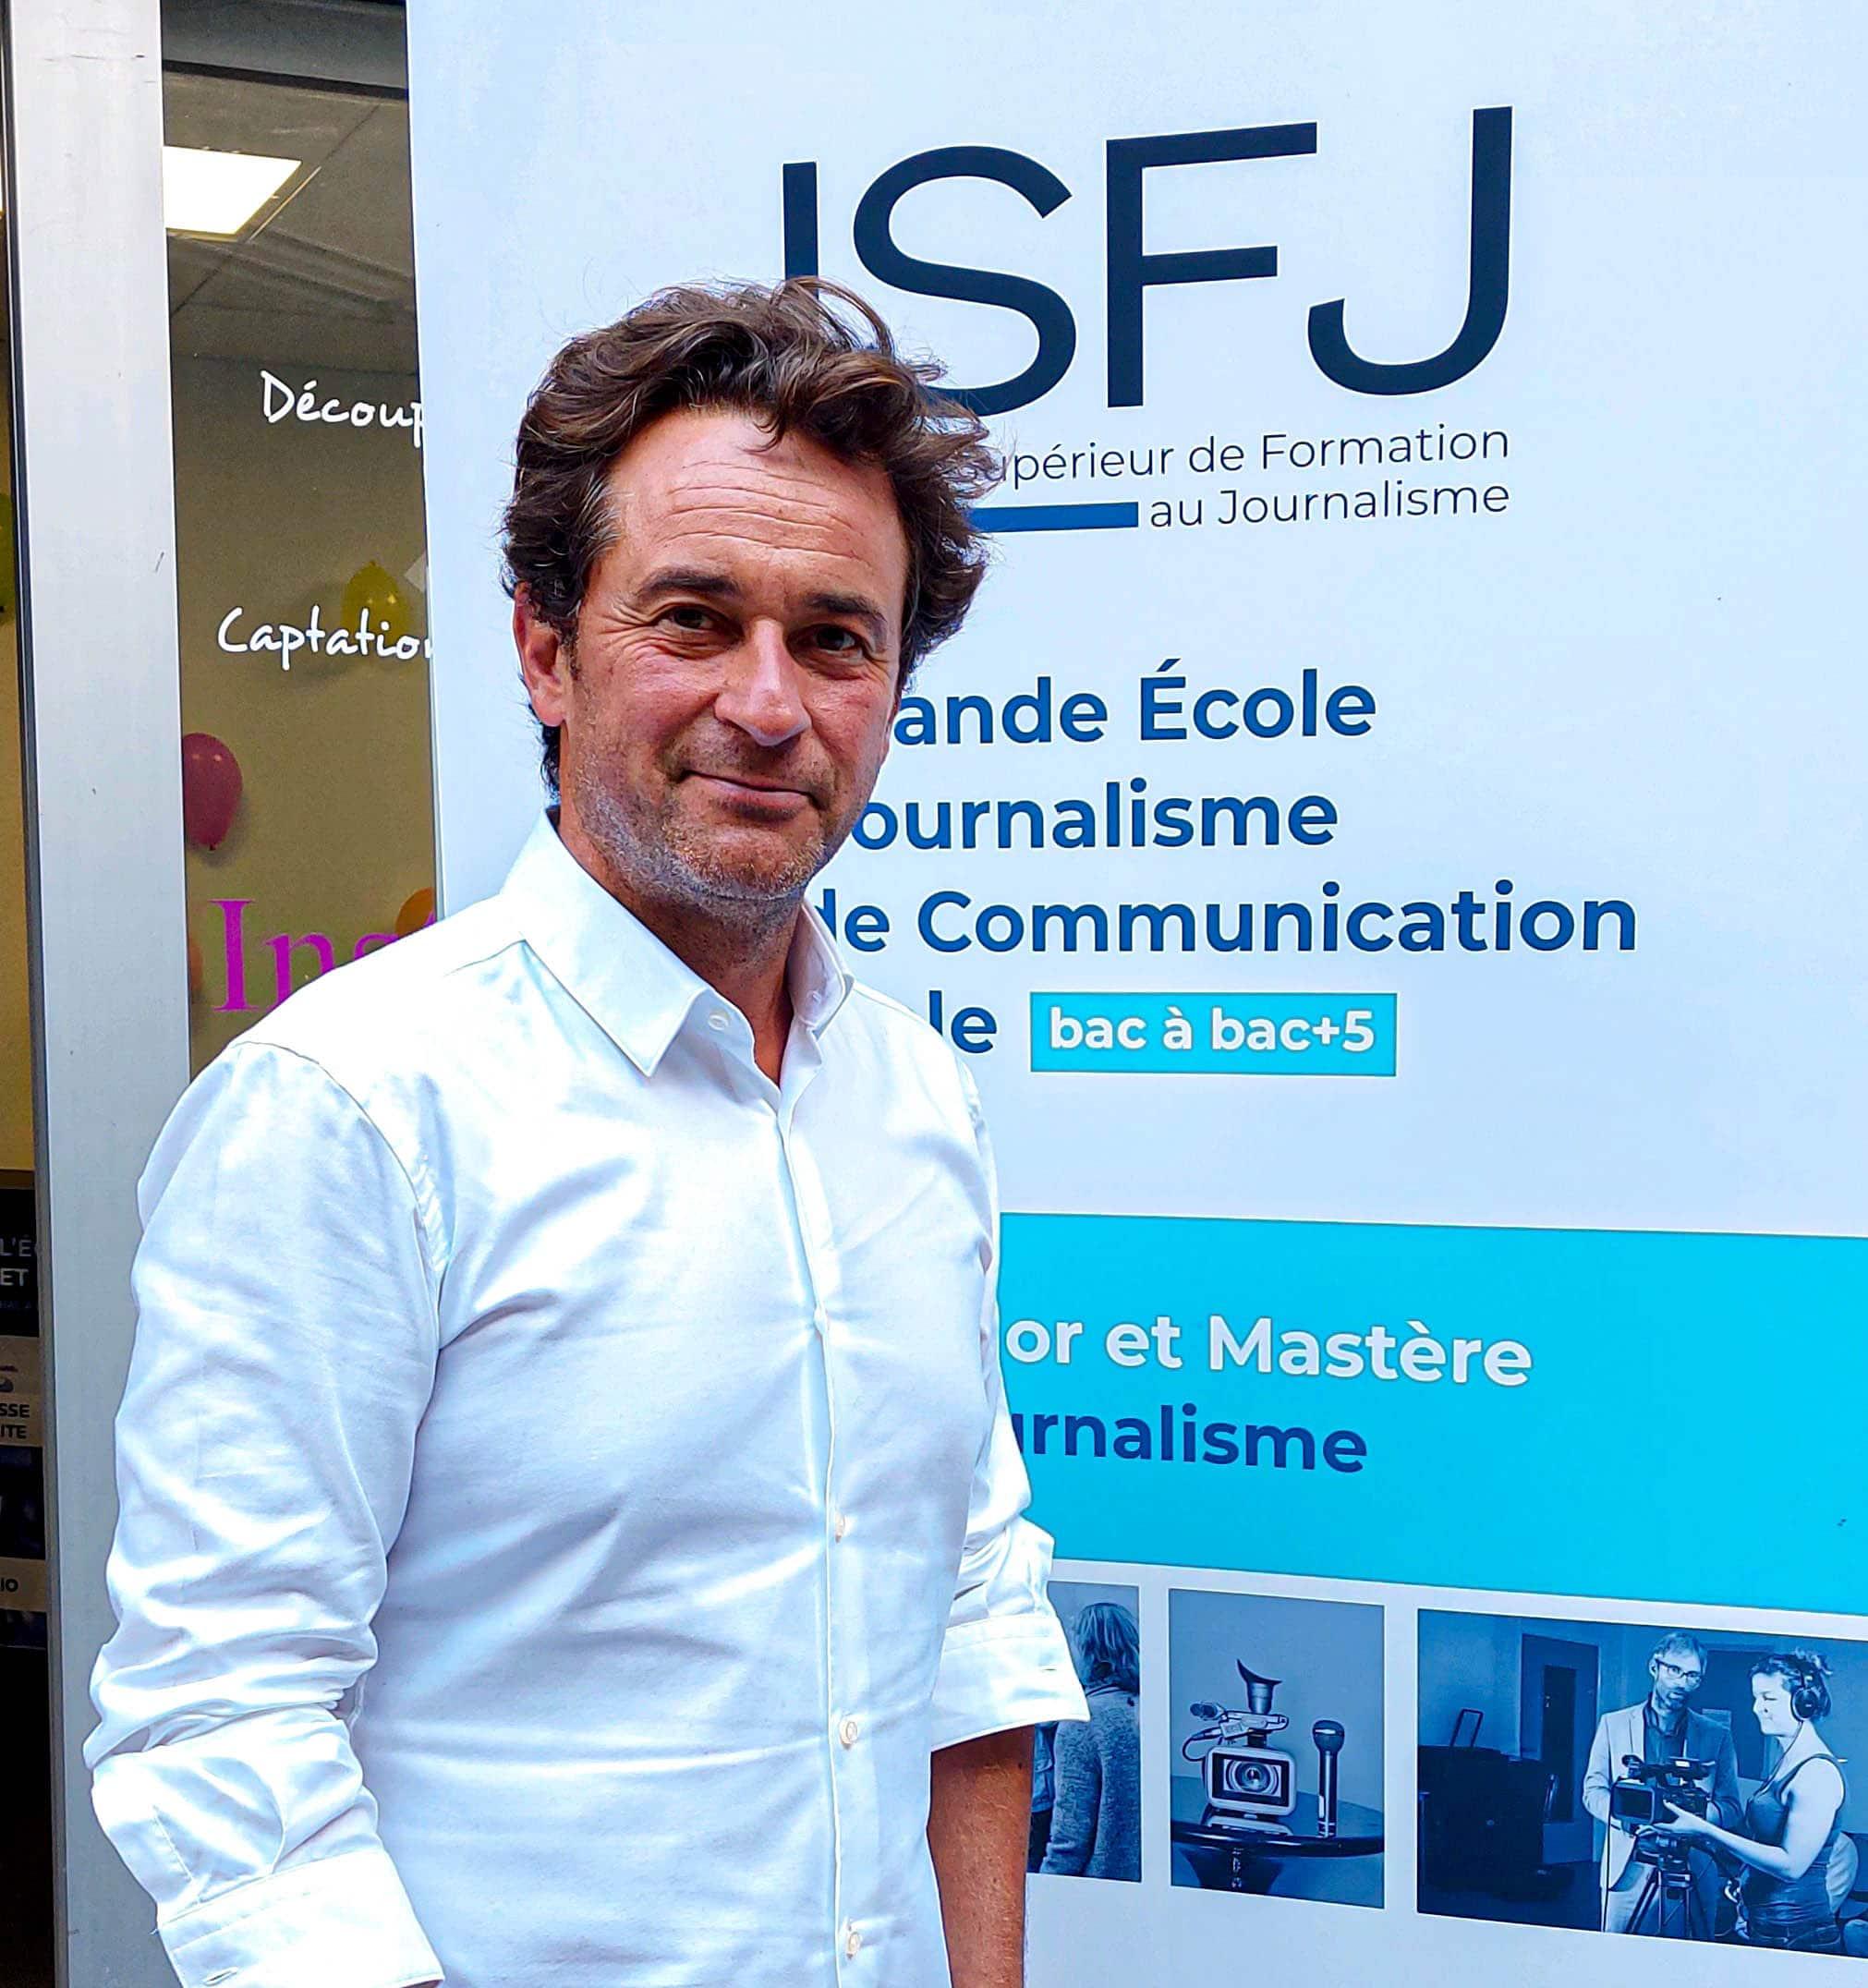 Nathanaël DE RINCQUESEN devant les locaux de l'ISFJ